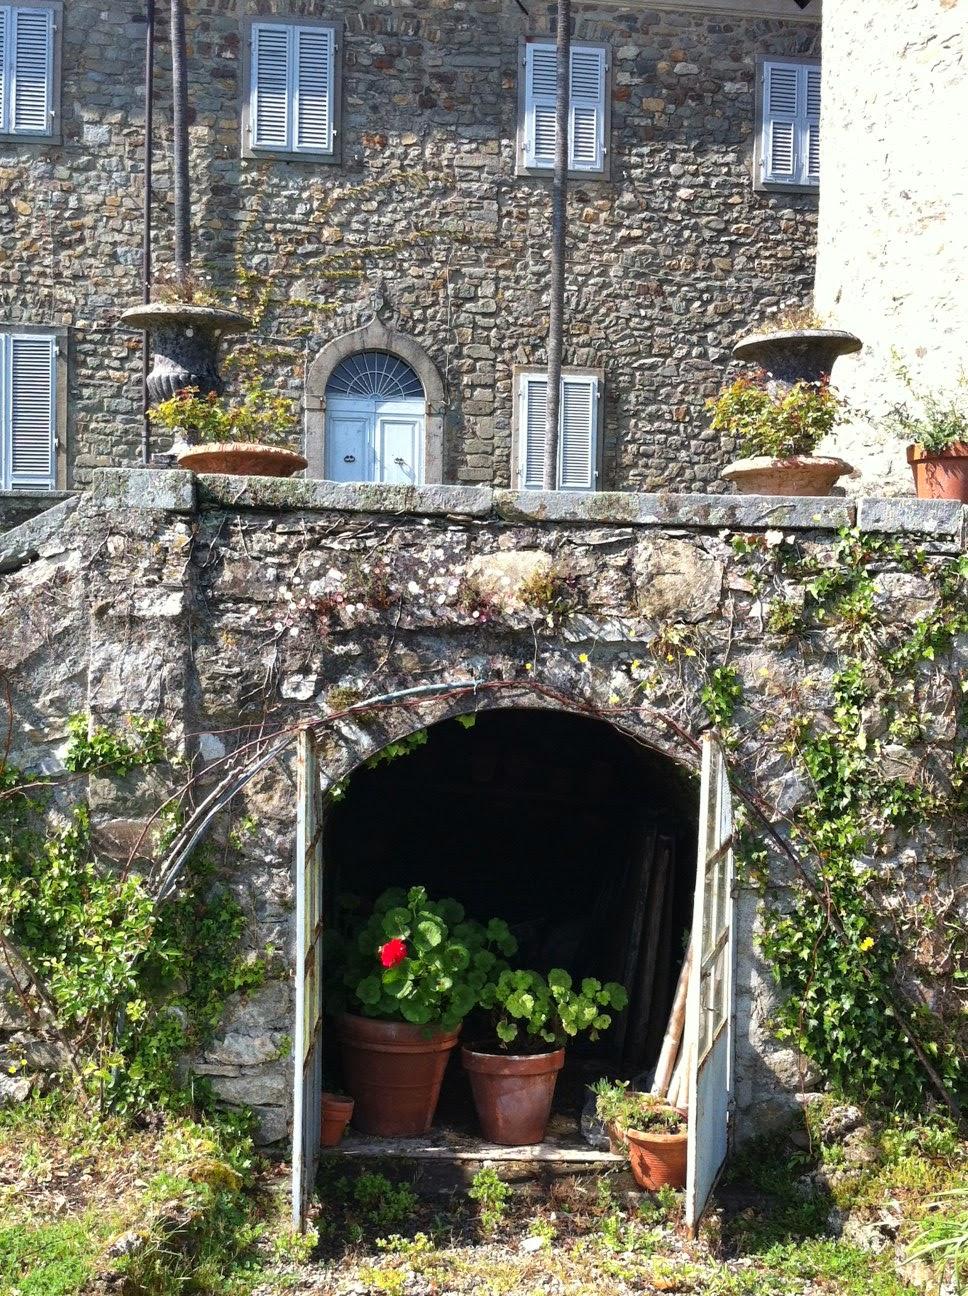 Cortili e giardini aperti in Toscana 25 maggio 2014 per la Giornata ...